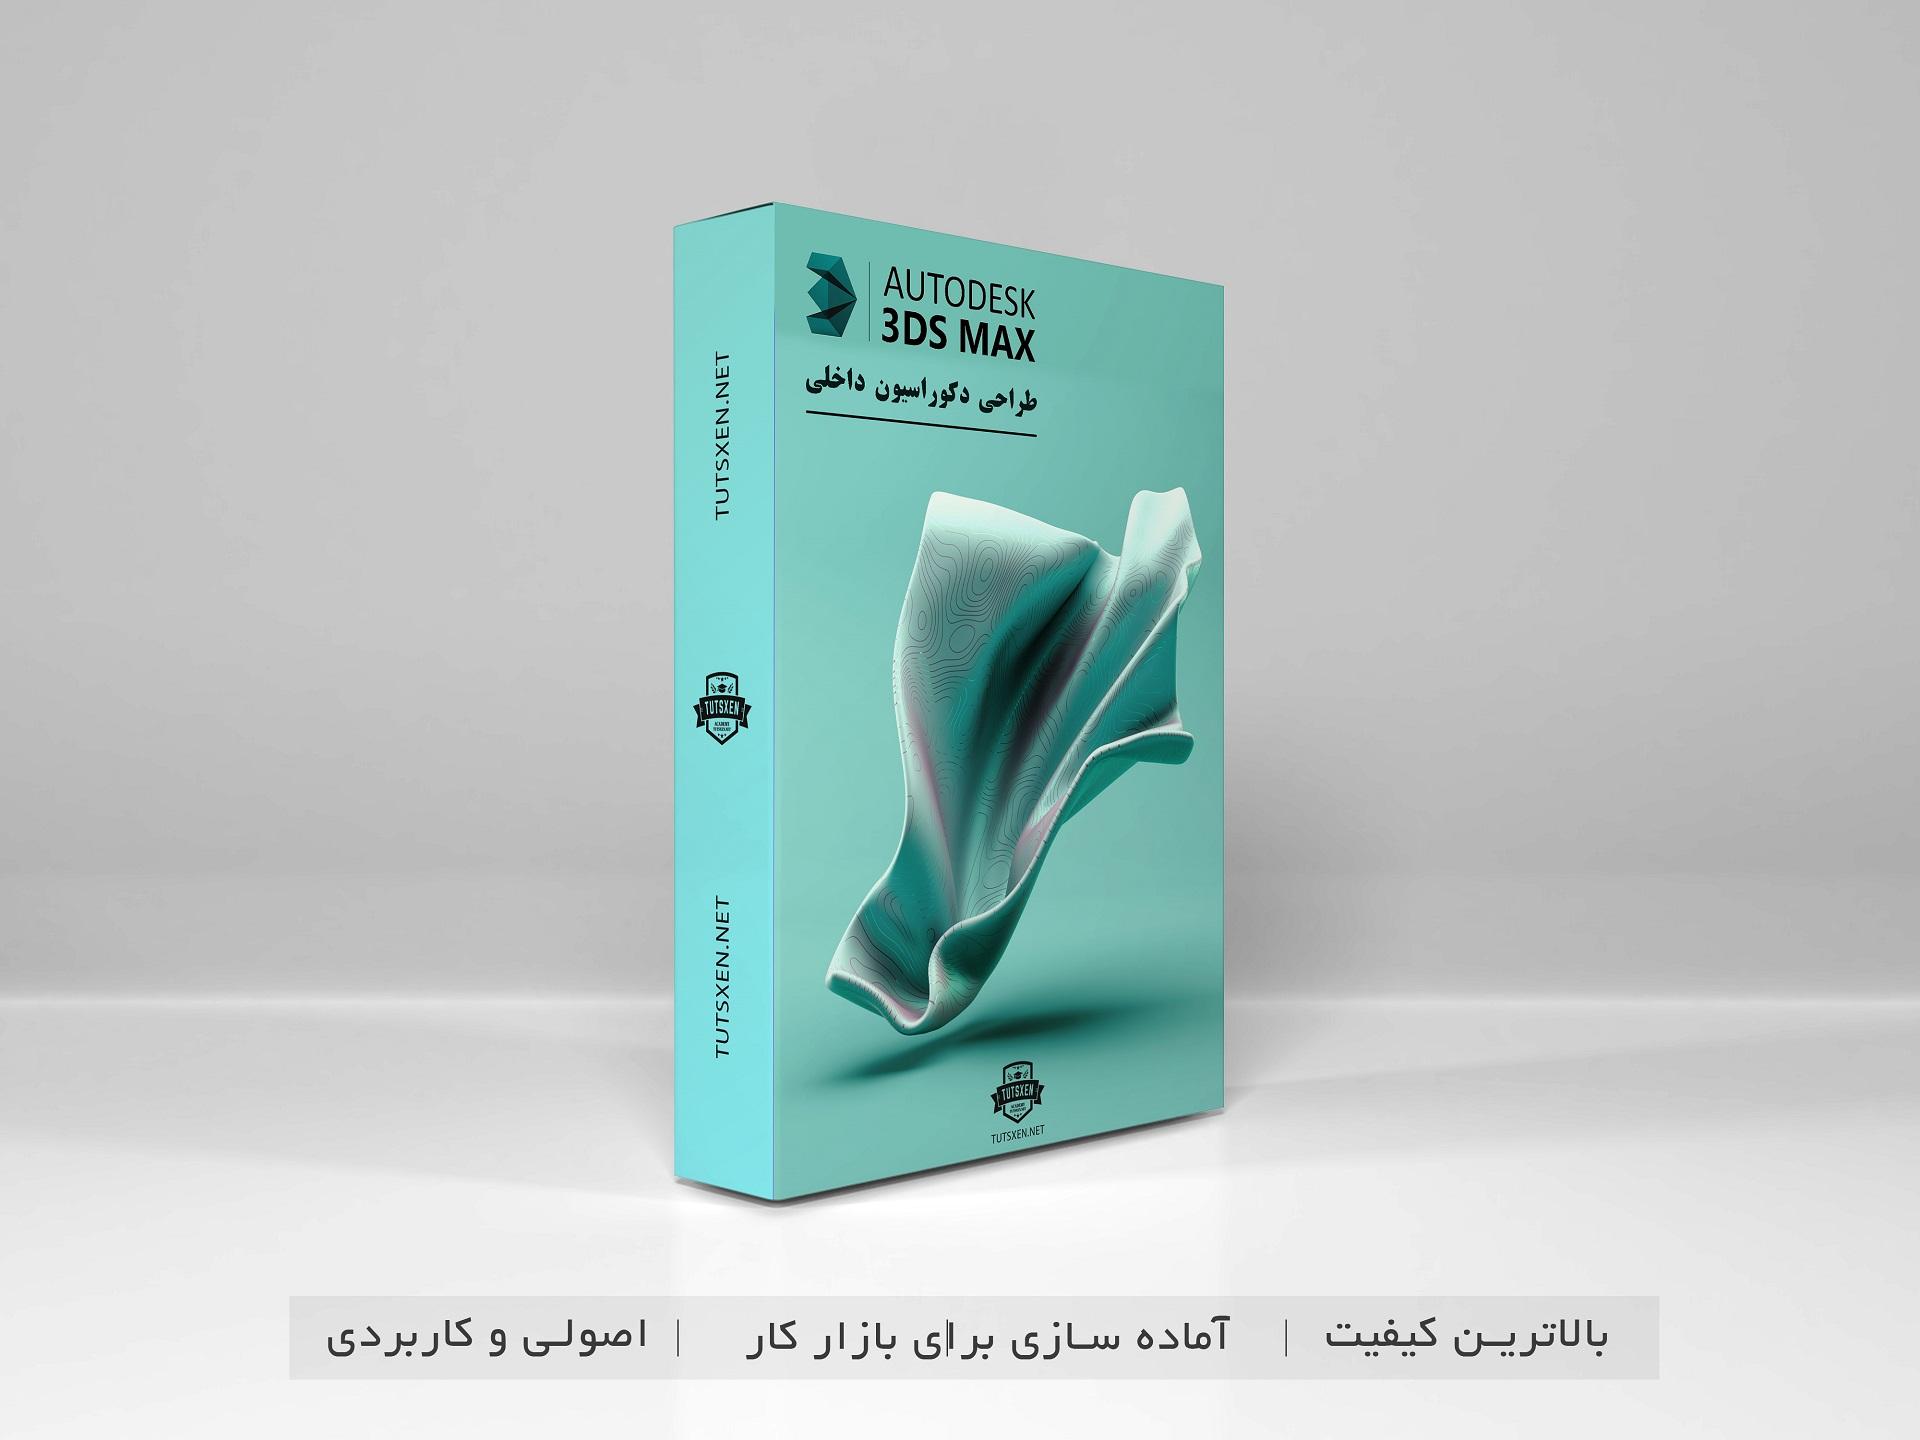 طراحی دکوراسیون داخلی با 3Ds Max دوره آموزشی 3Ds Max